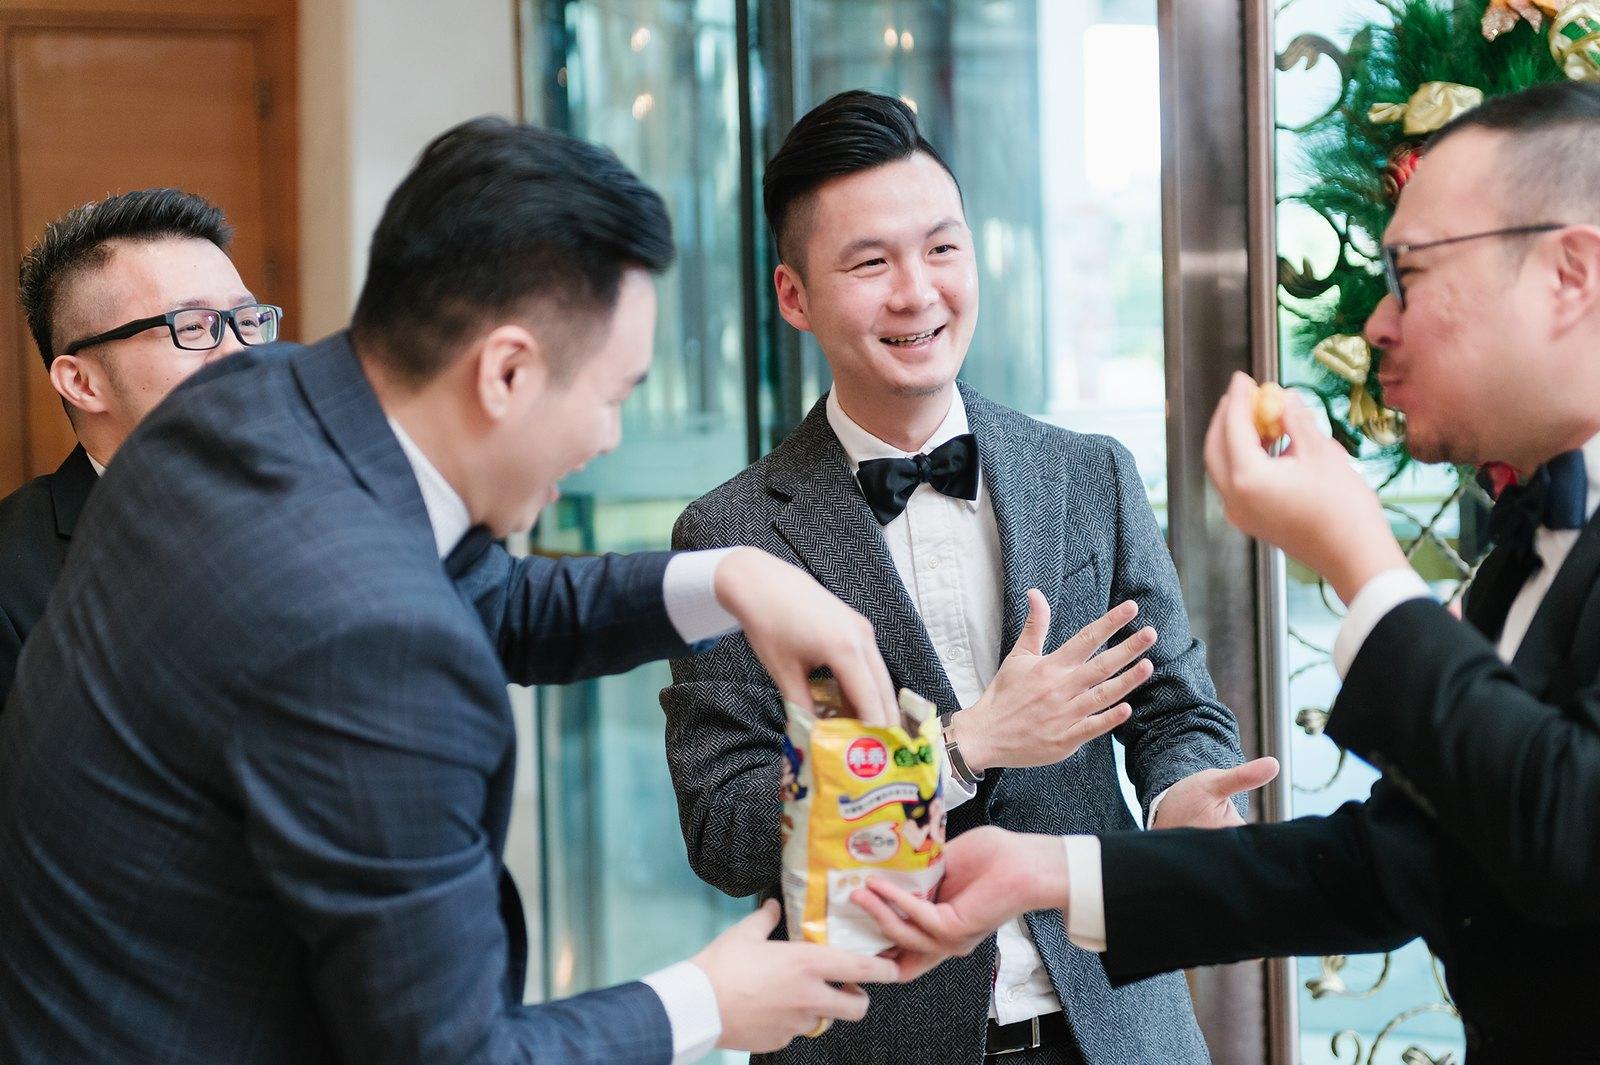 【婚攝】Ivan & Ivy / 美麗信花園酒店 / 徐州路2號庭園會館